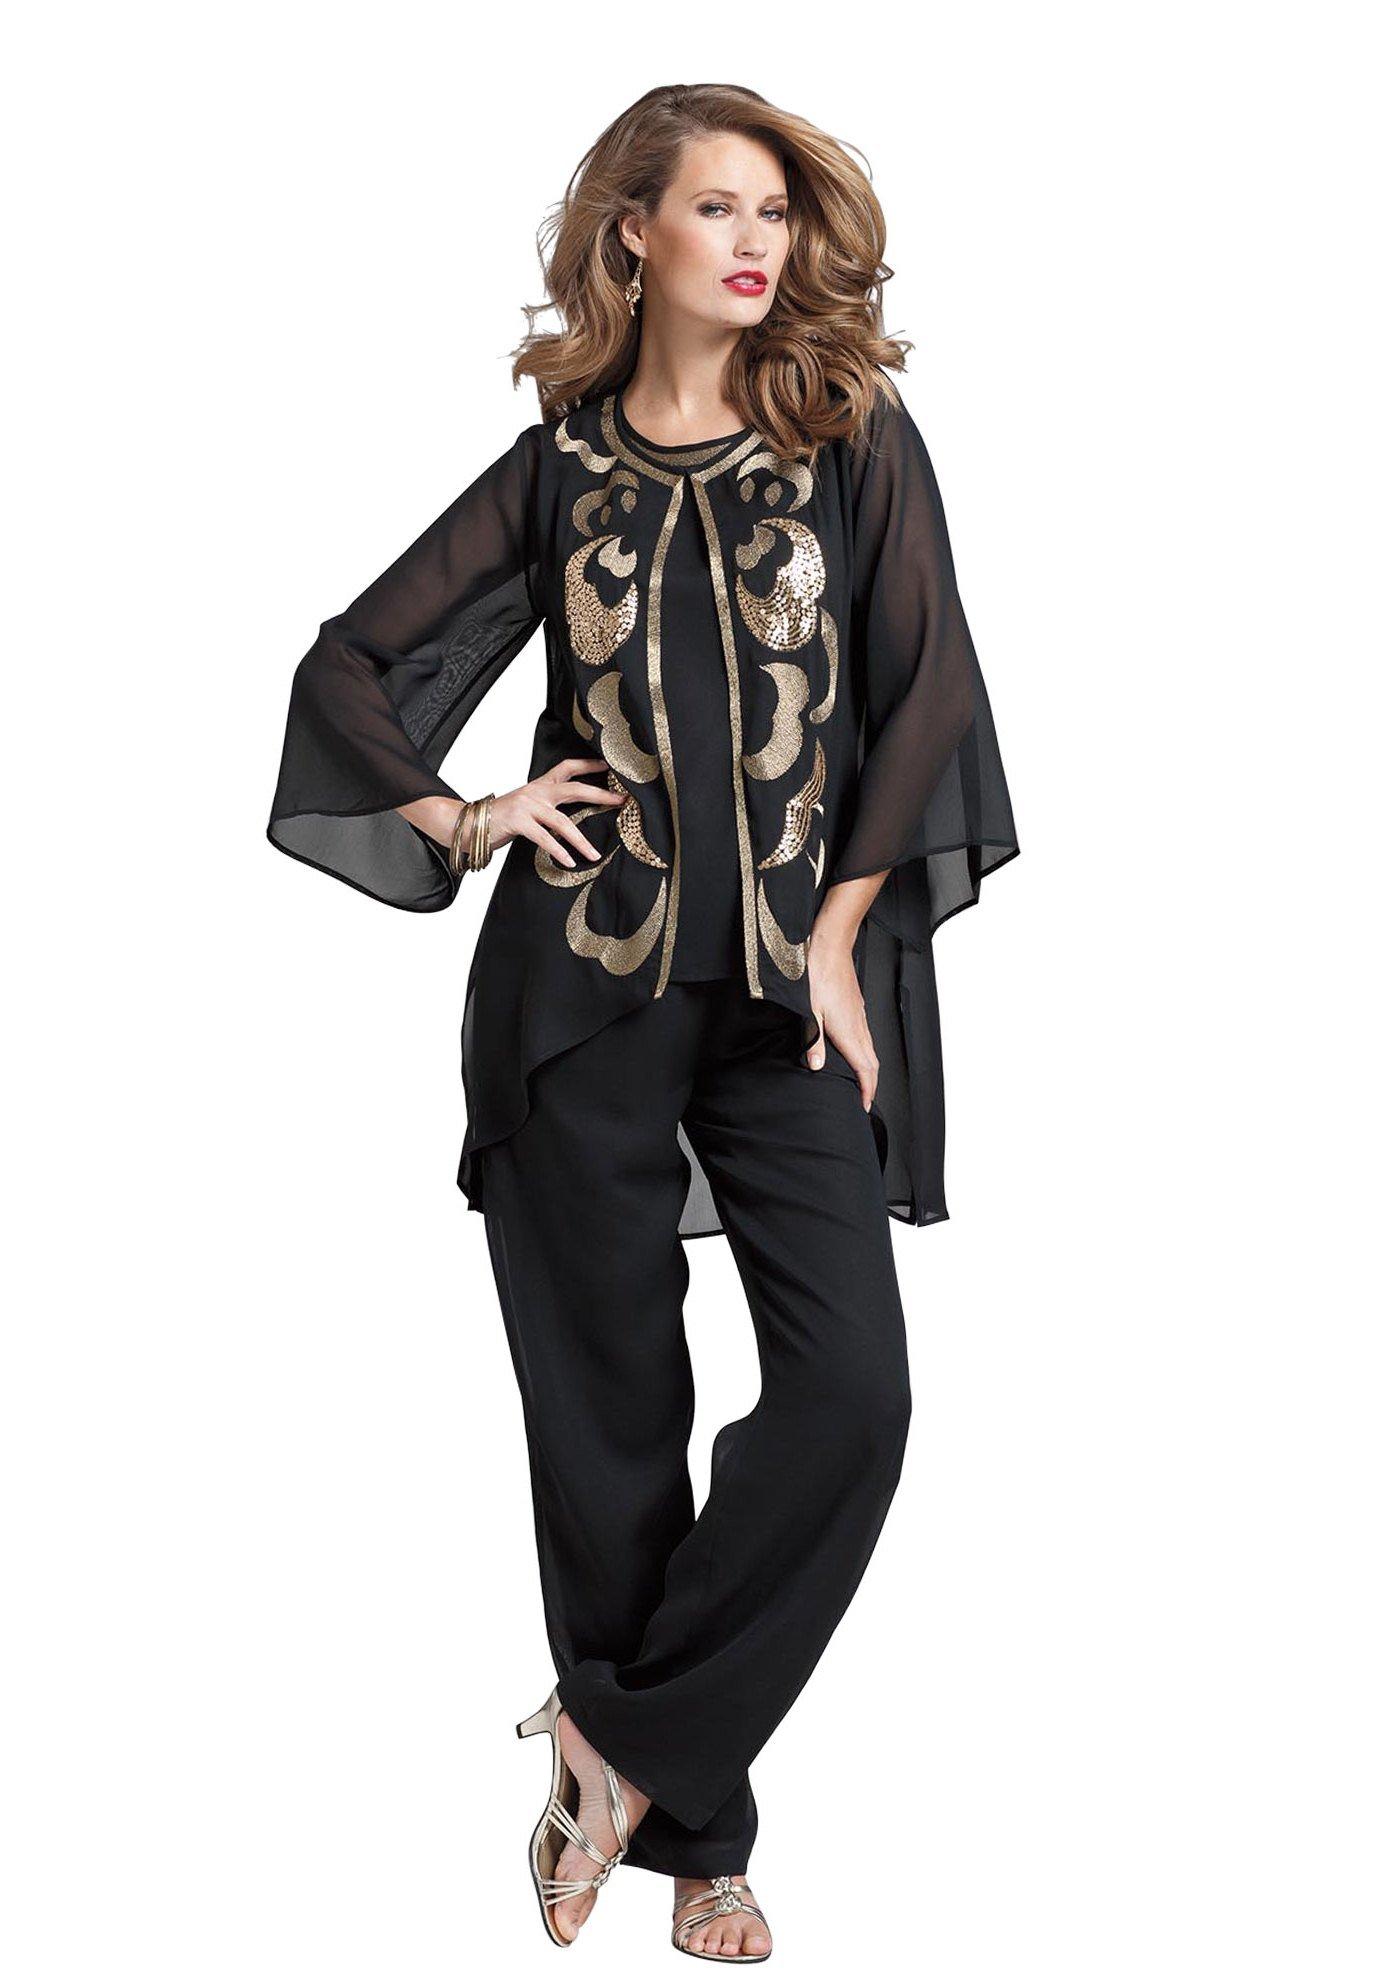 Вечерние брючные костюмы для полных женщин купить